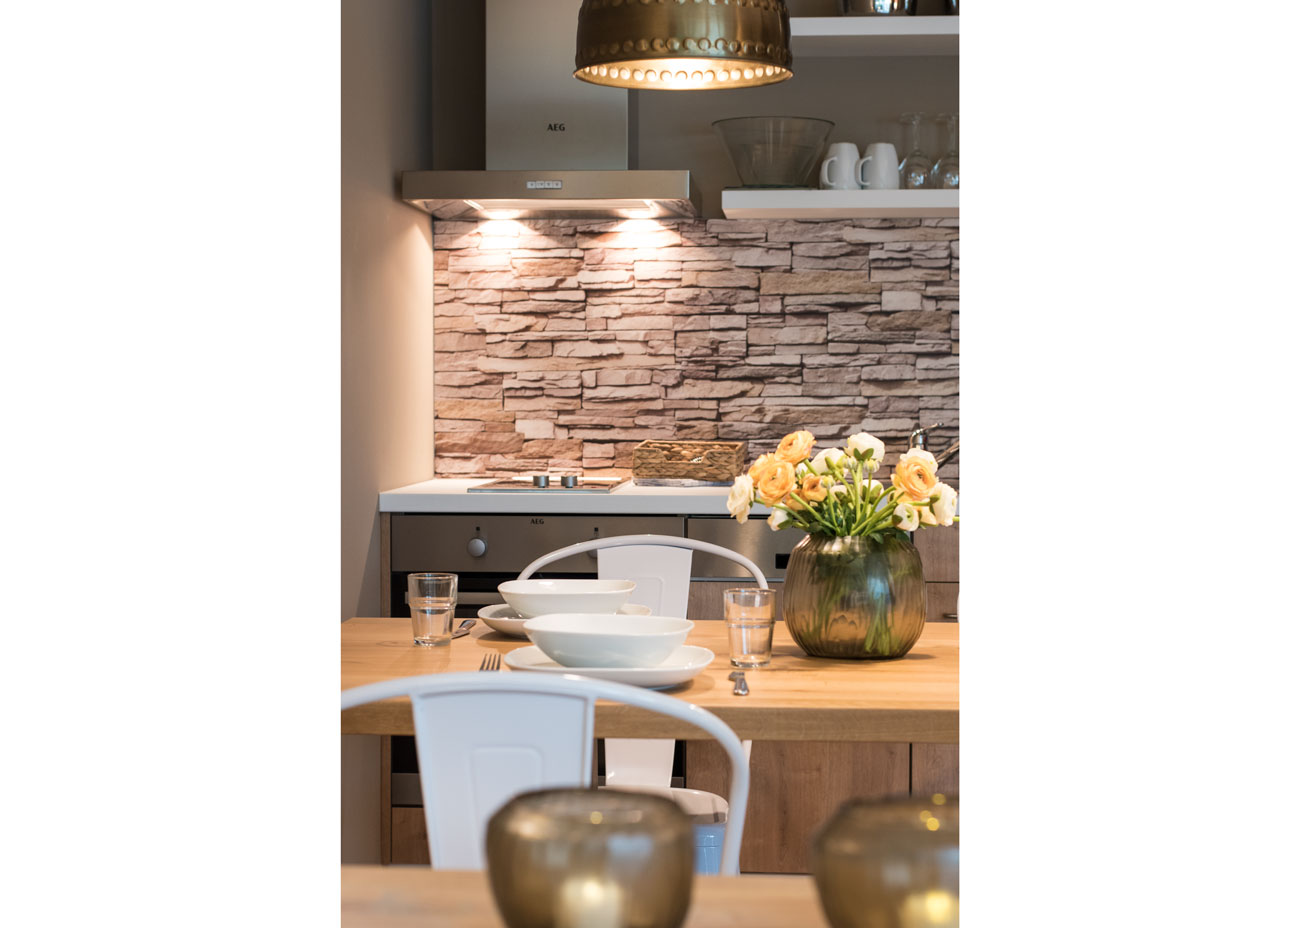 Ferienwohnung einrichten essentisch holz gedeckt mit stühlen weiss blumen vase steinwand küche